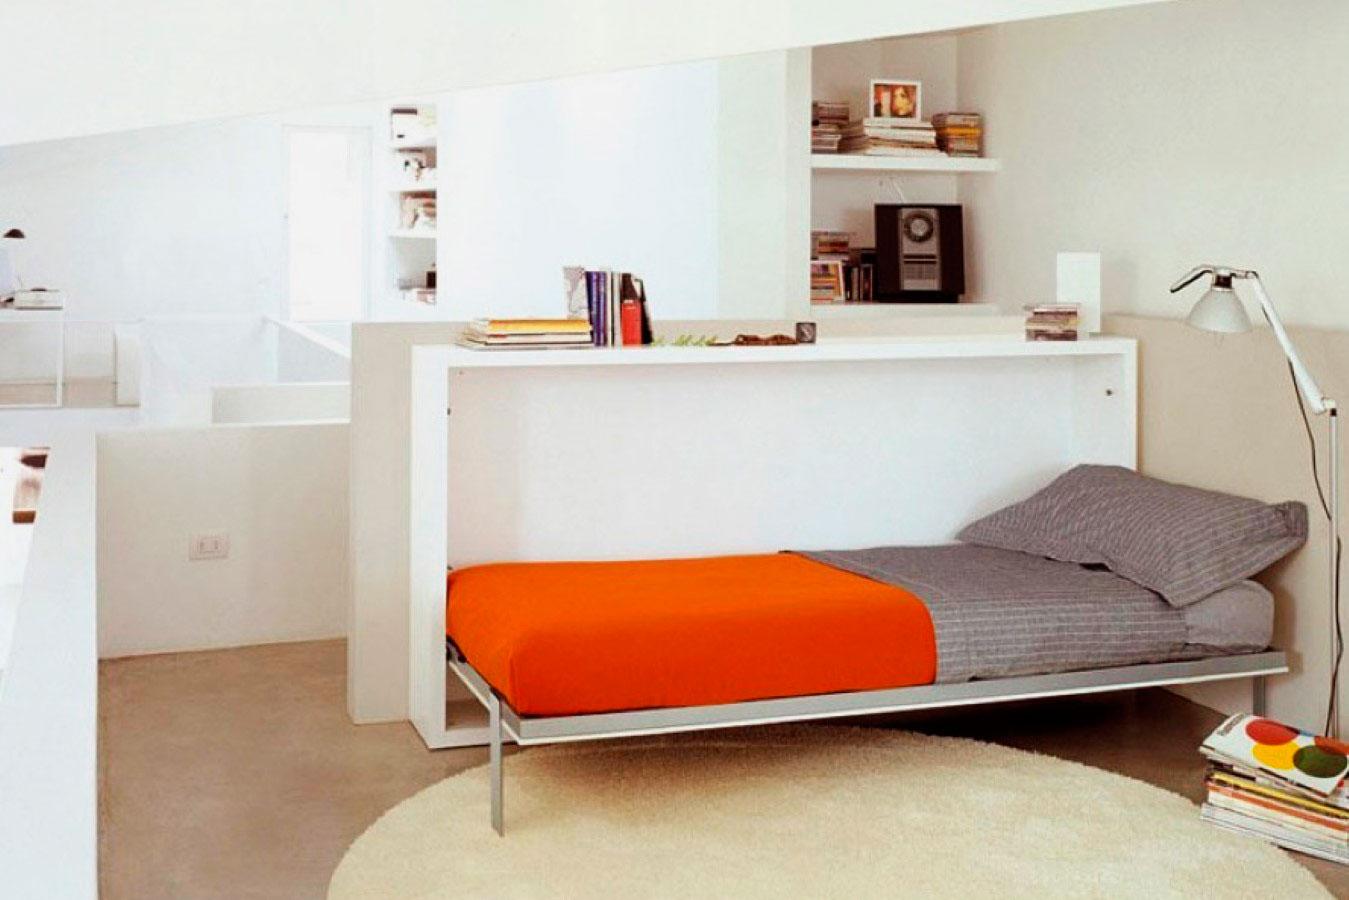 Как сделать складную кровать своими руками у стены